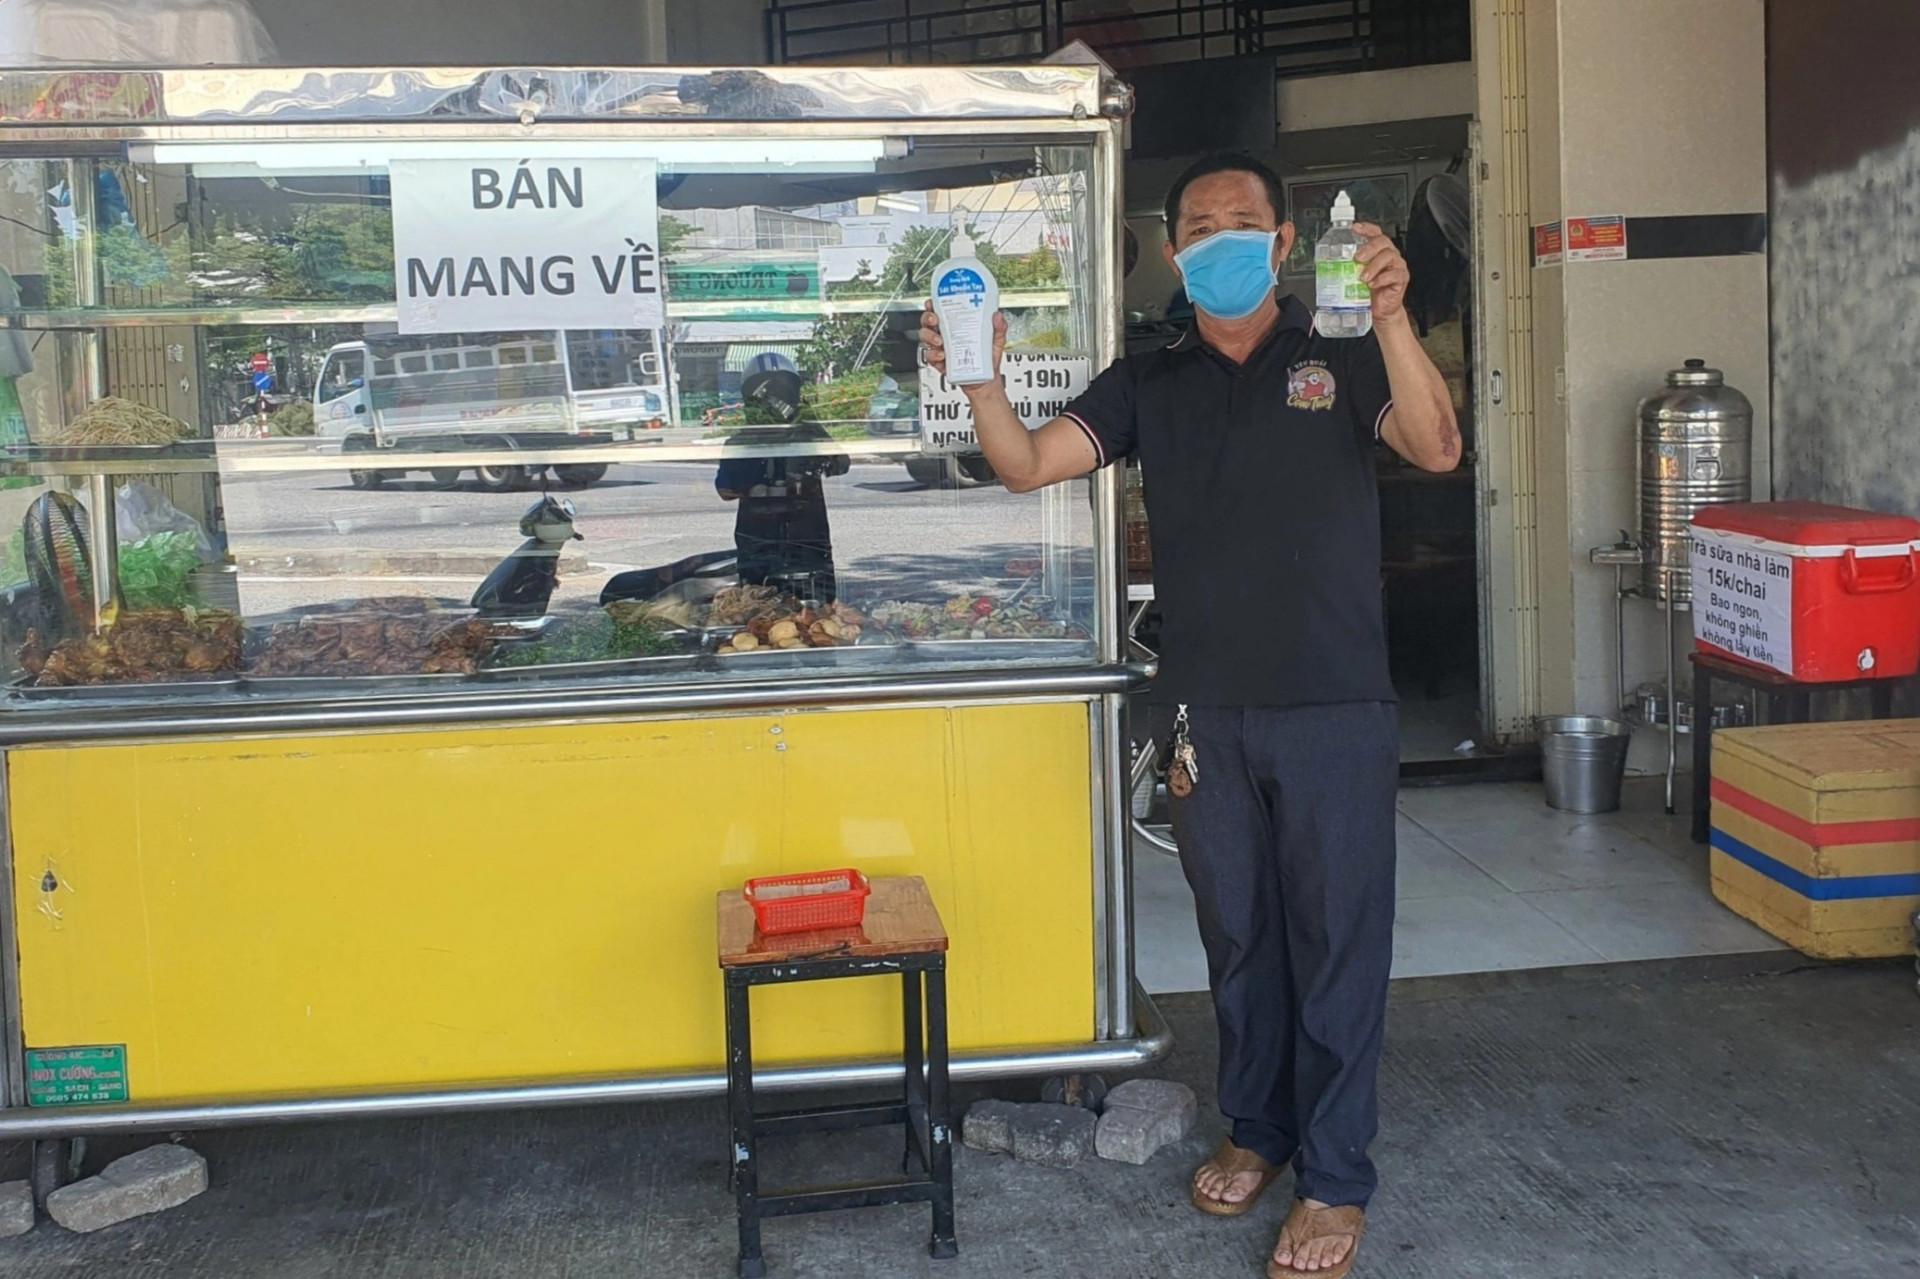 Ninh Thuận: Từ ngày 12/9, cho phép cơ sở sản xuất hoạt động 100% công suất - 1